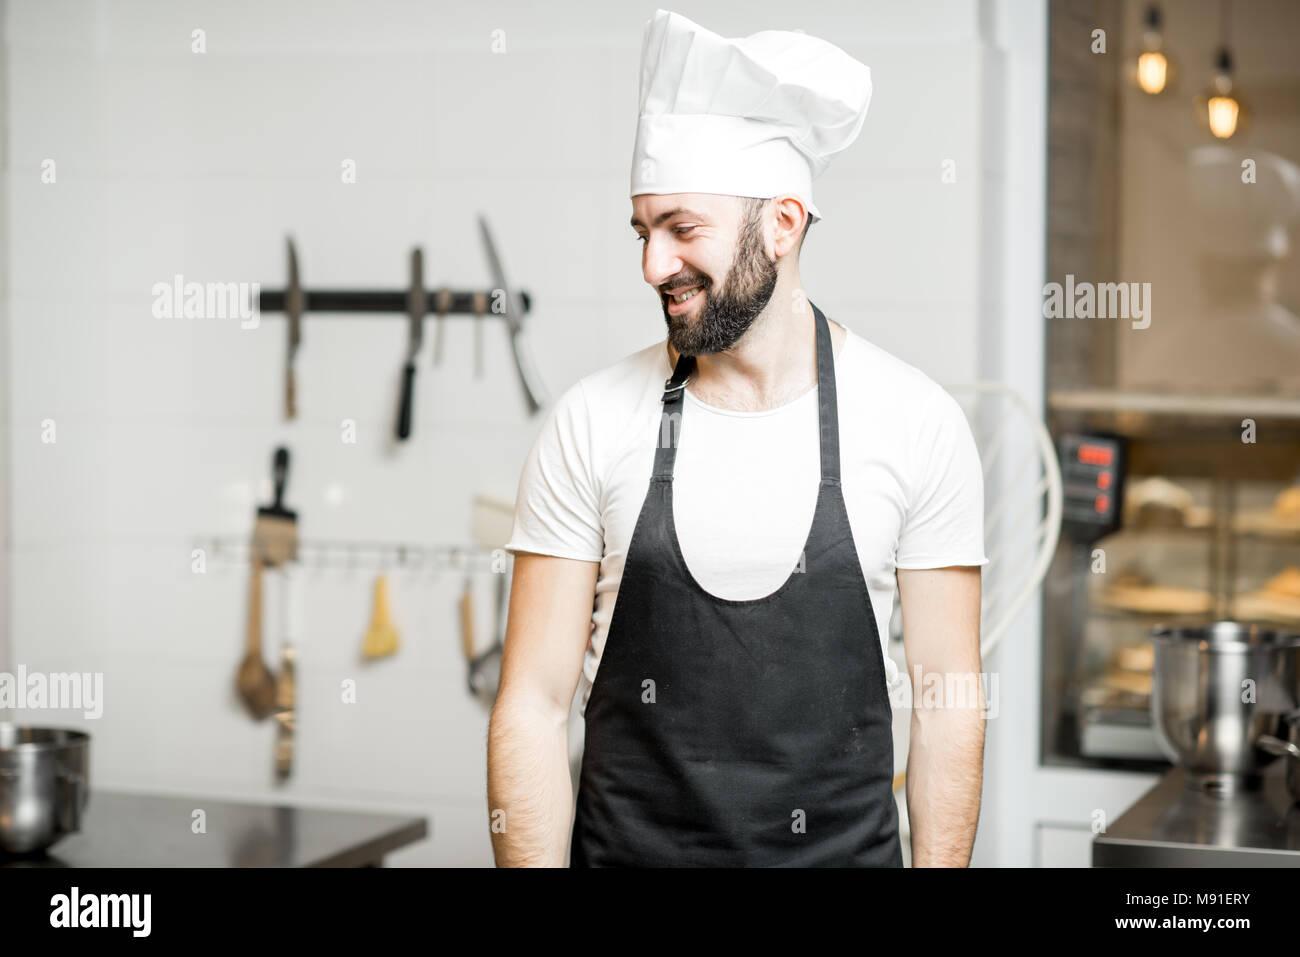 Chef cuisinier à la cuisine Photo Stock